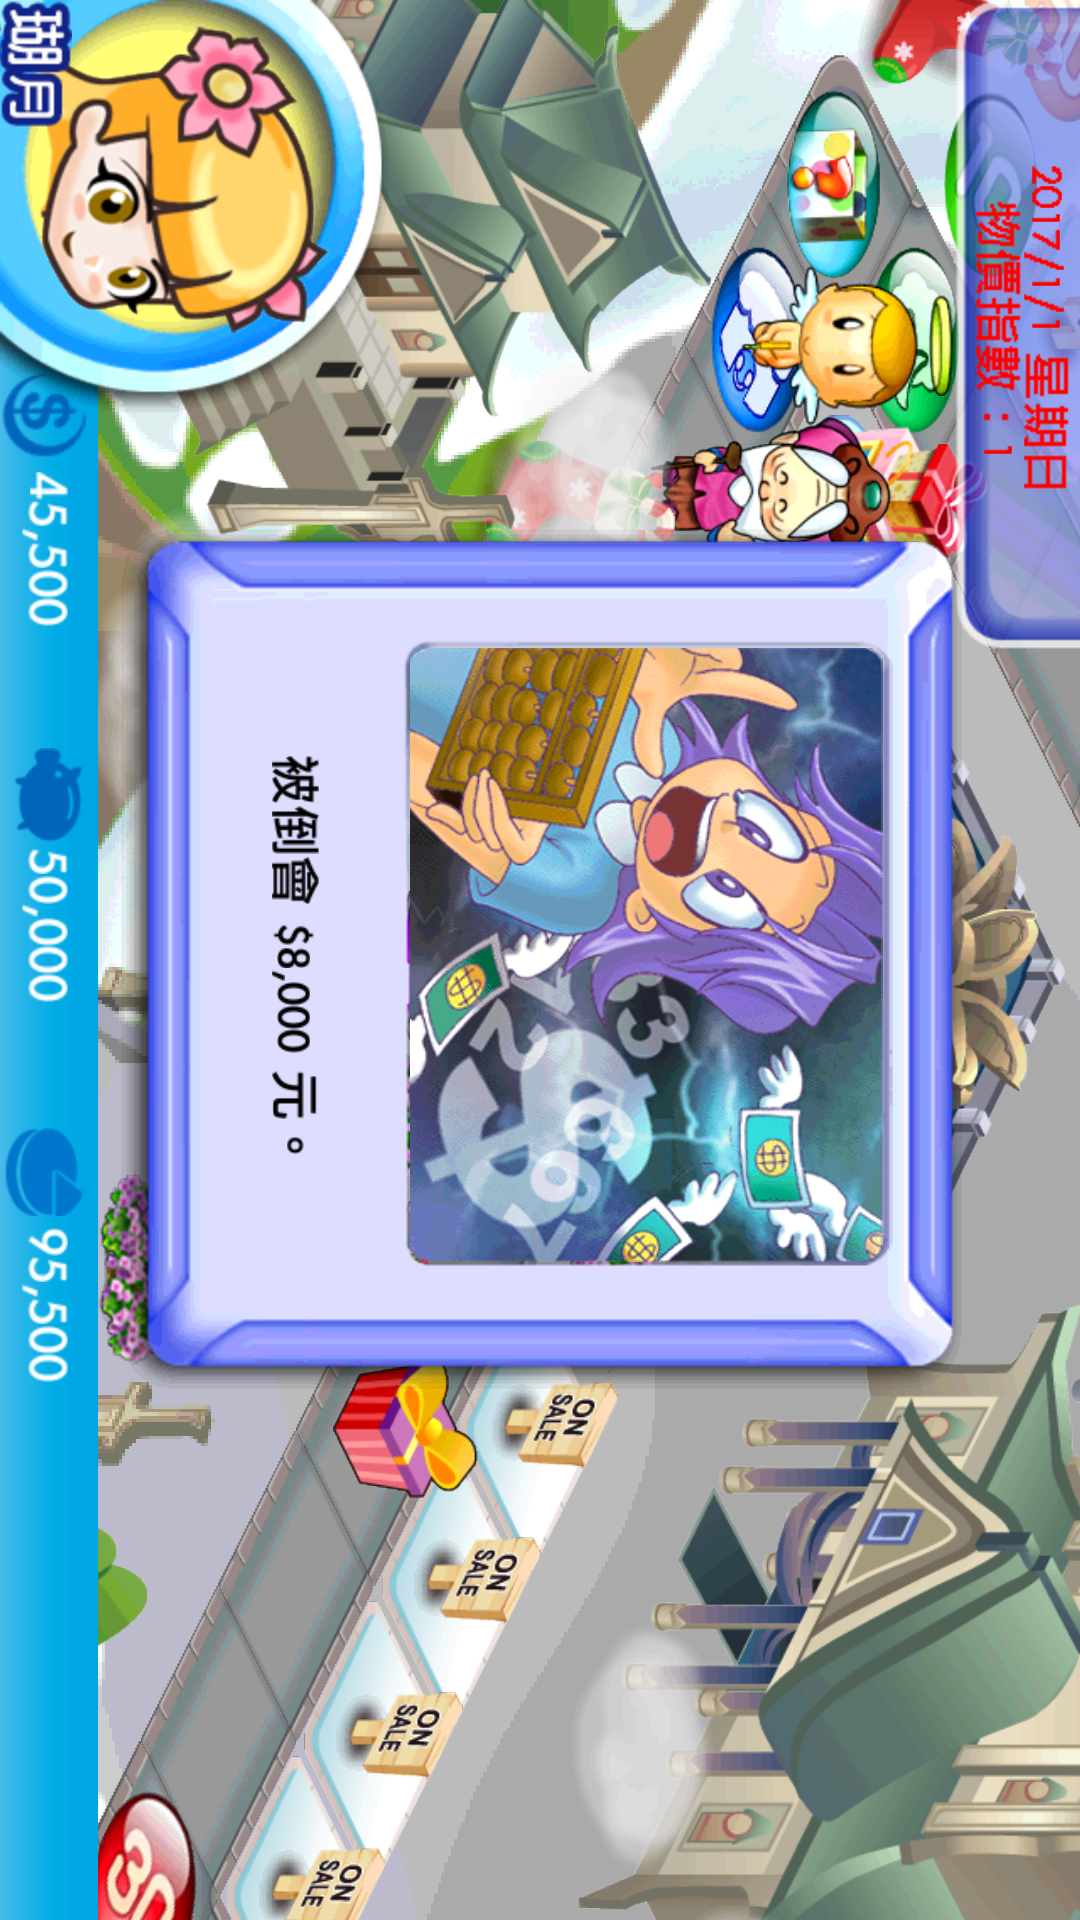 大富翁4fun无限金币破解版游戏截图